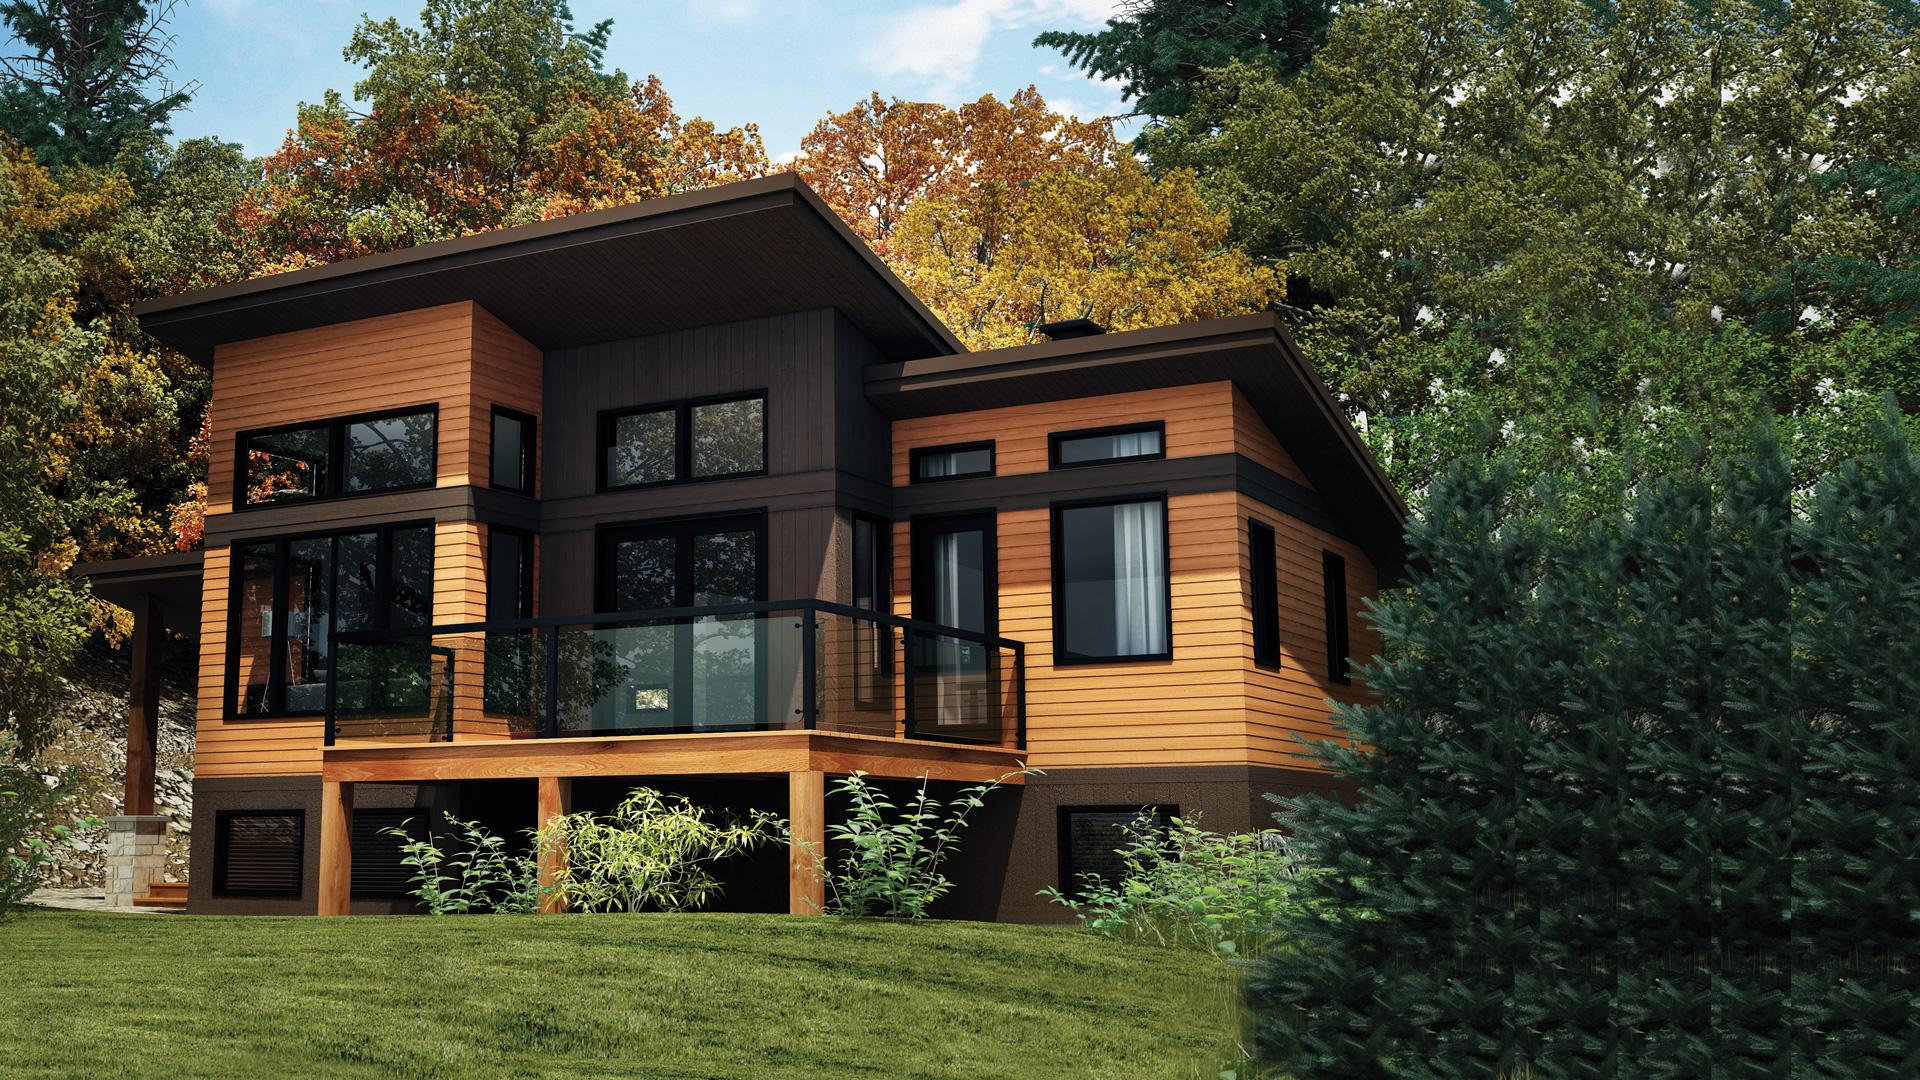 mod le panorama maison vill giature chalets pro fab constructeur de maisons modulaires et. Black Bedroom Furniture Sets. Home Design Ideas